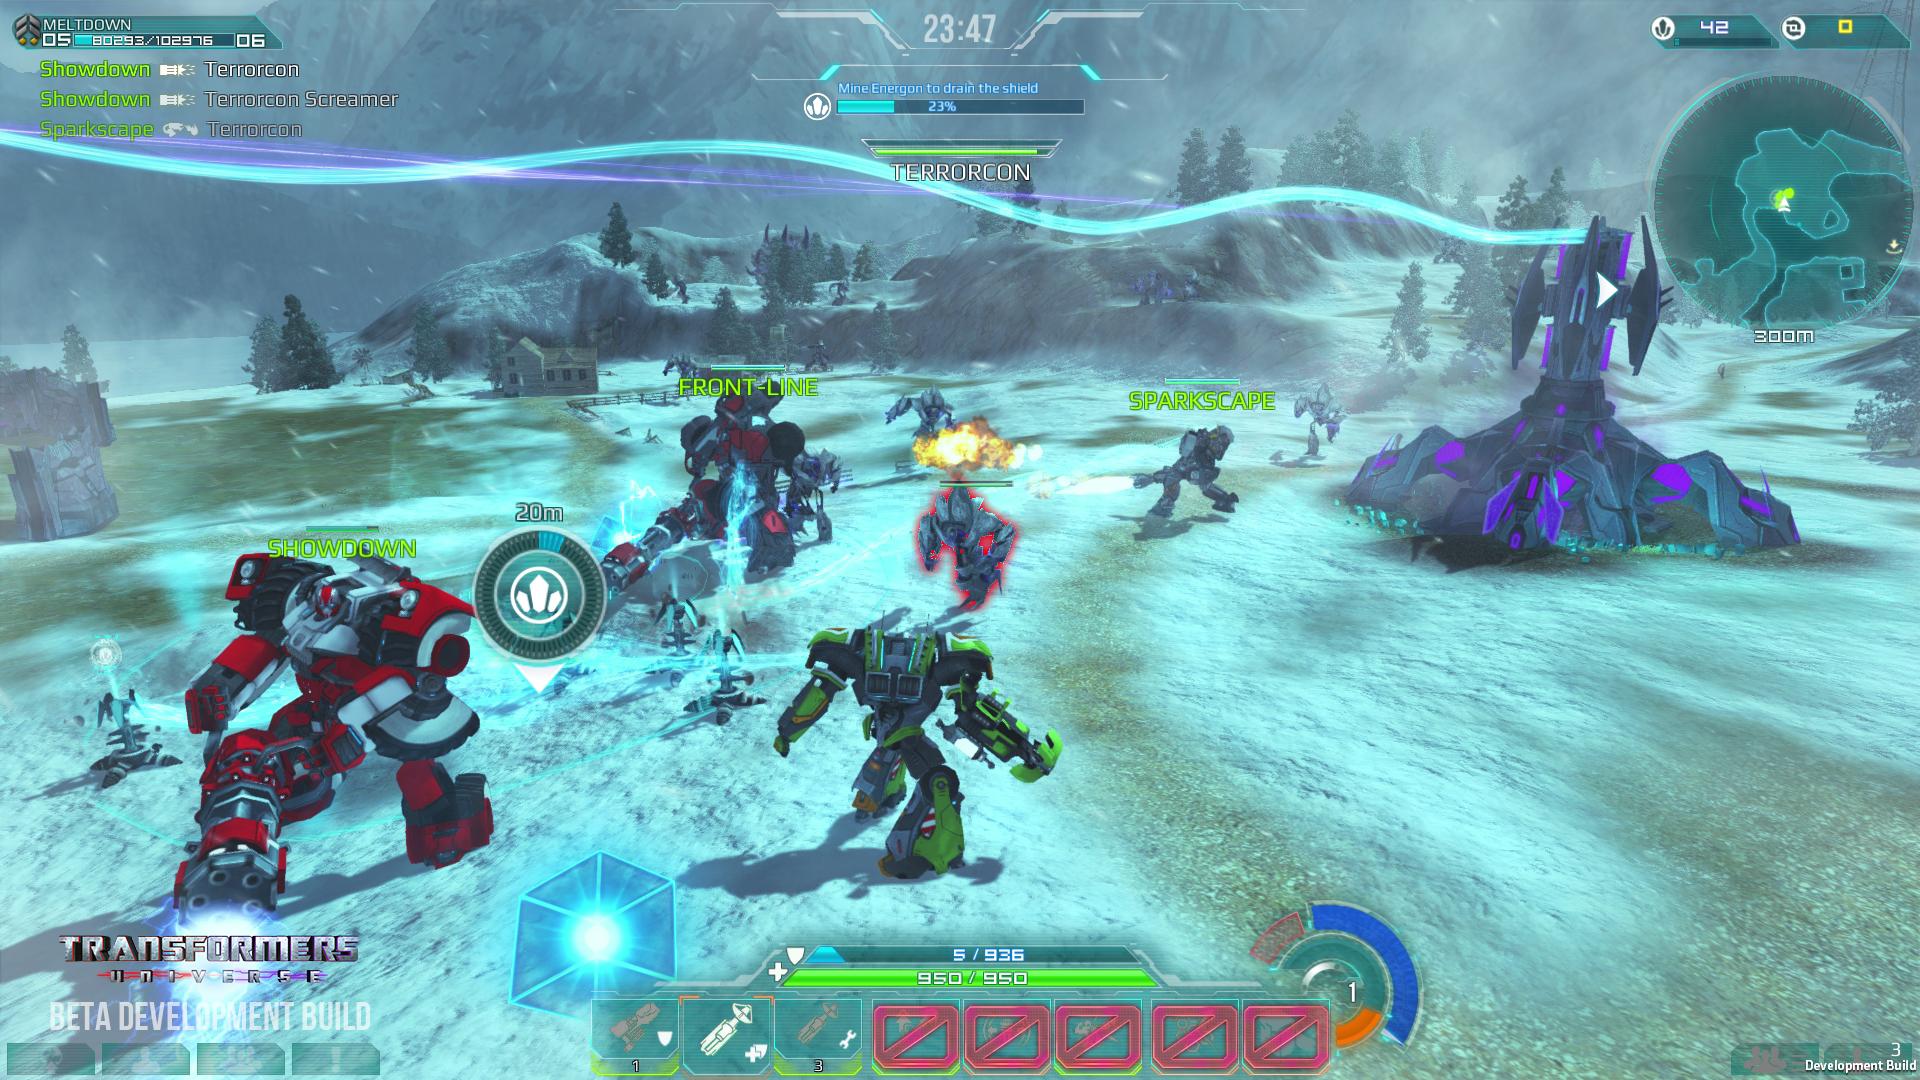 Loạt ảnh tuyệt đẹp về MOTA Transformers Universe - Ảnh 2